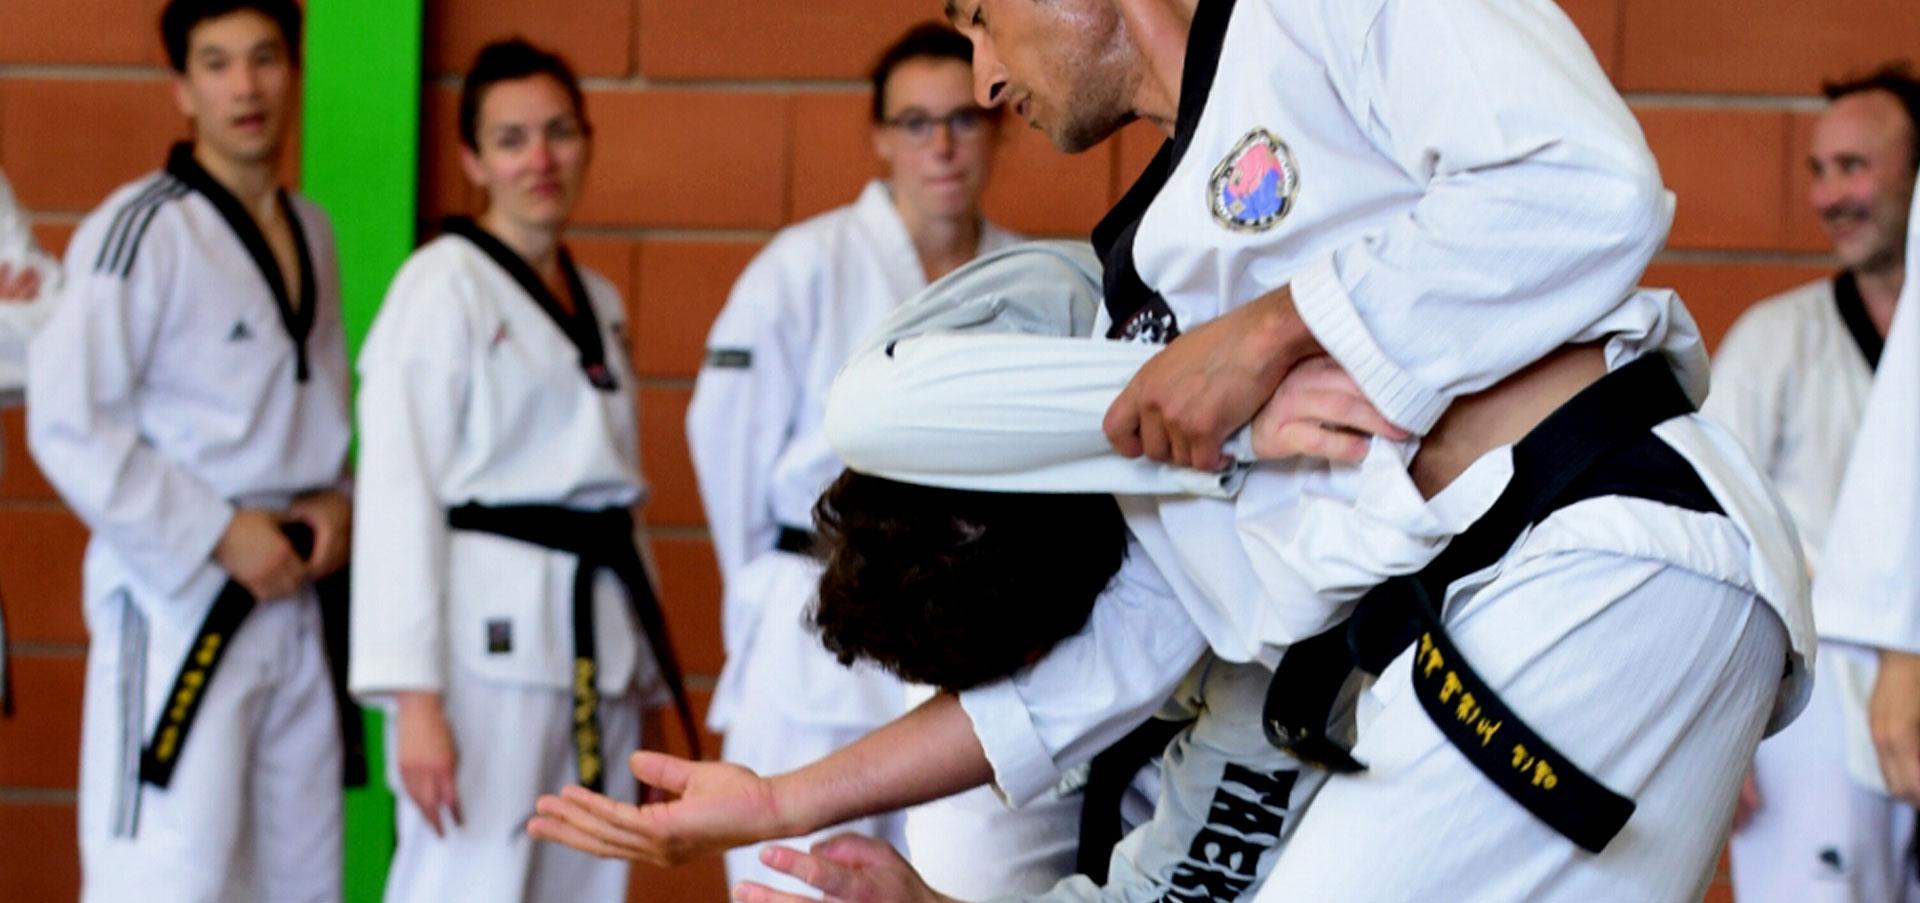 Le Hoshinsul, techniques de self-défense